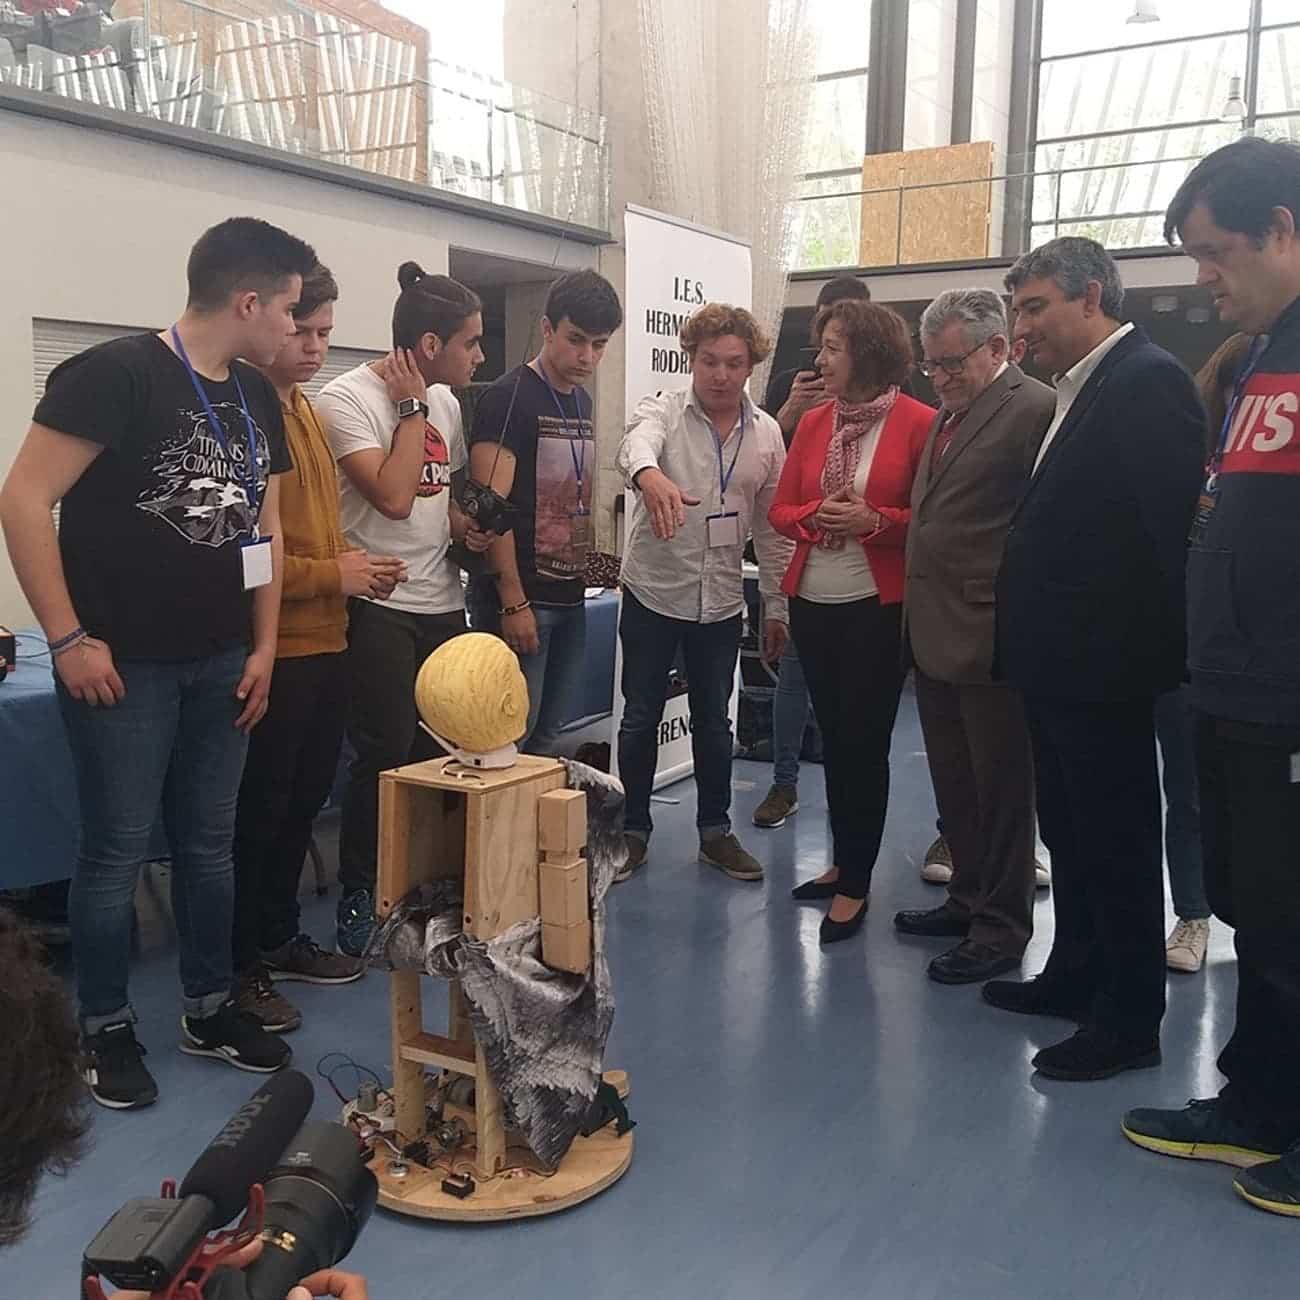 equipo robotica herencia 5 - Nuevos triunfos del equipo de robótica del IES Hermógenes Rodríguez